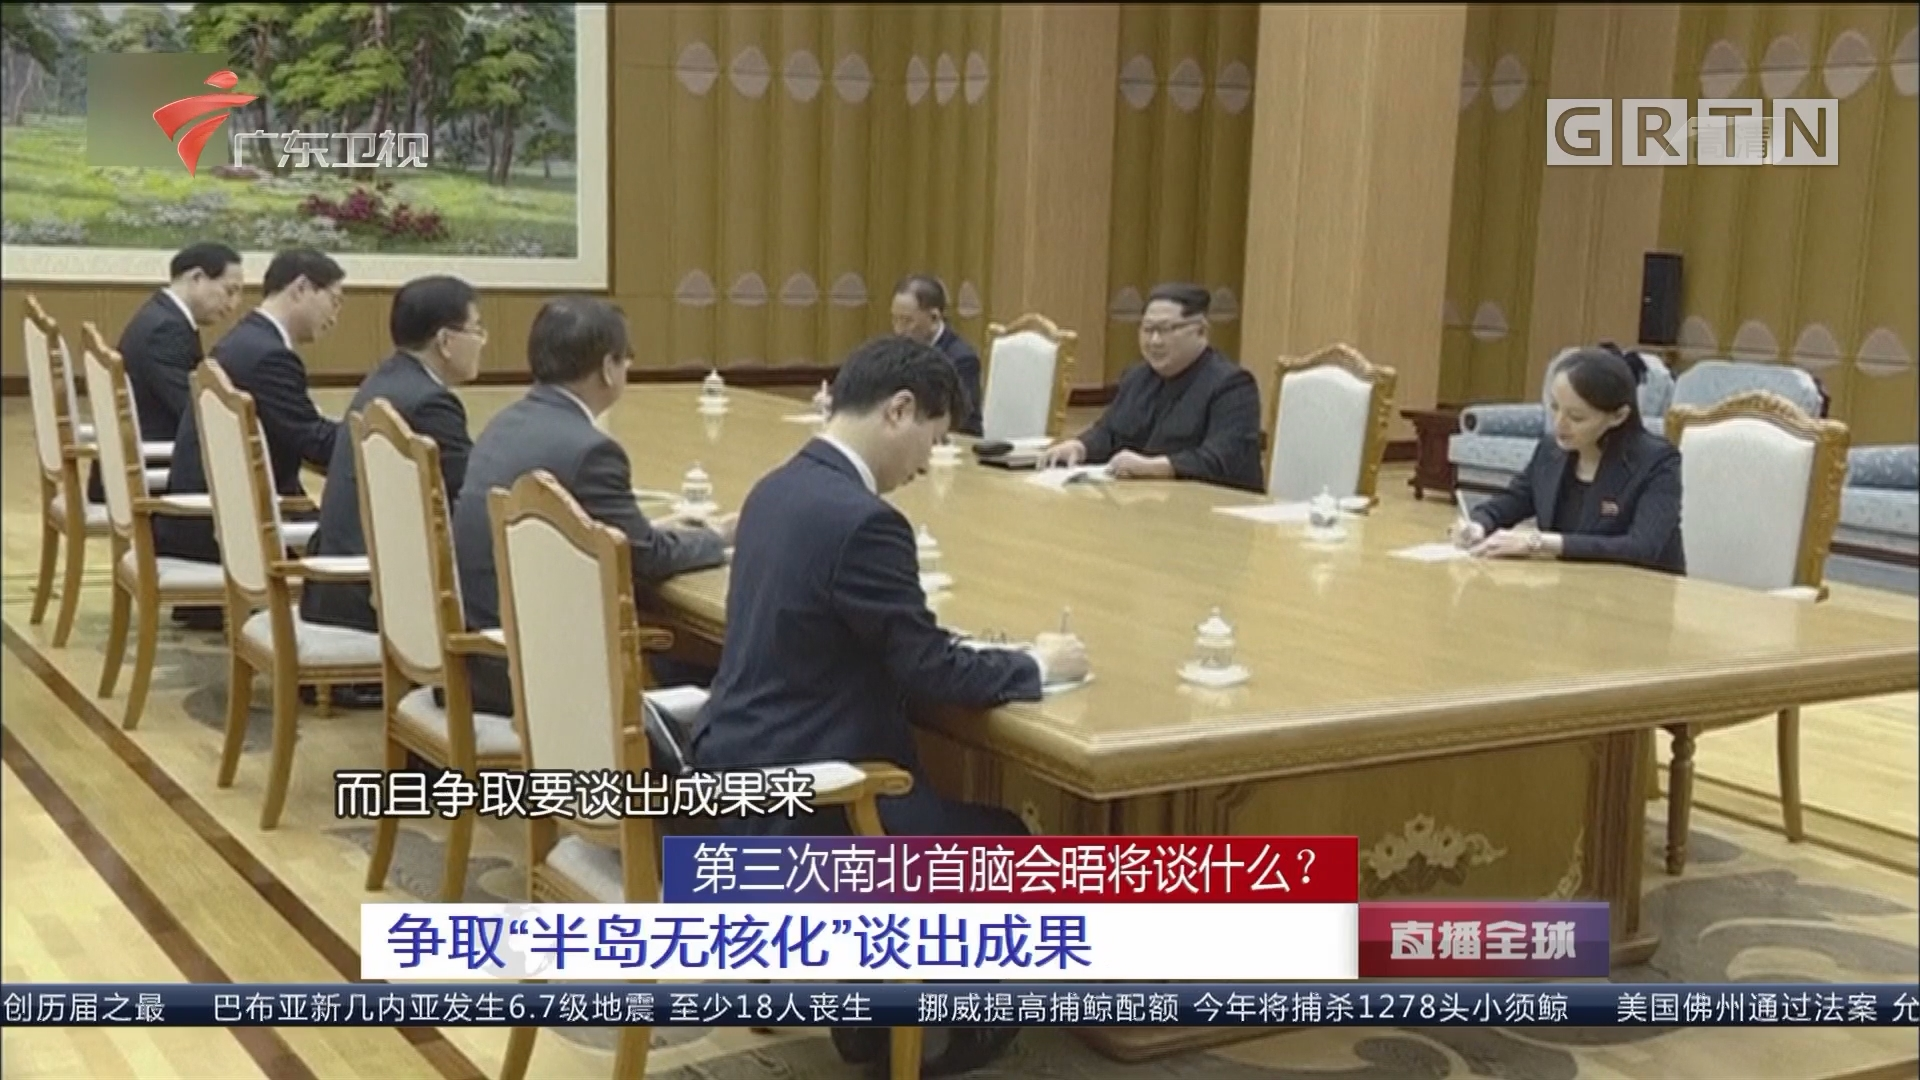 """第三次南北首脑会晤将谈什么? 争取""""半岛无核化""""谈出成果"""